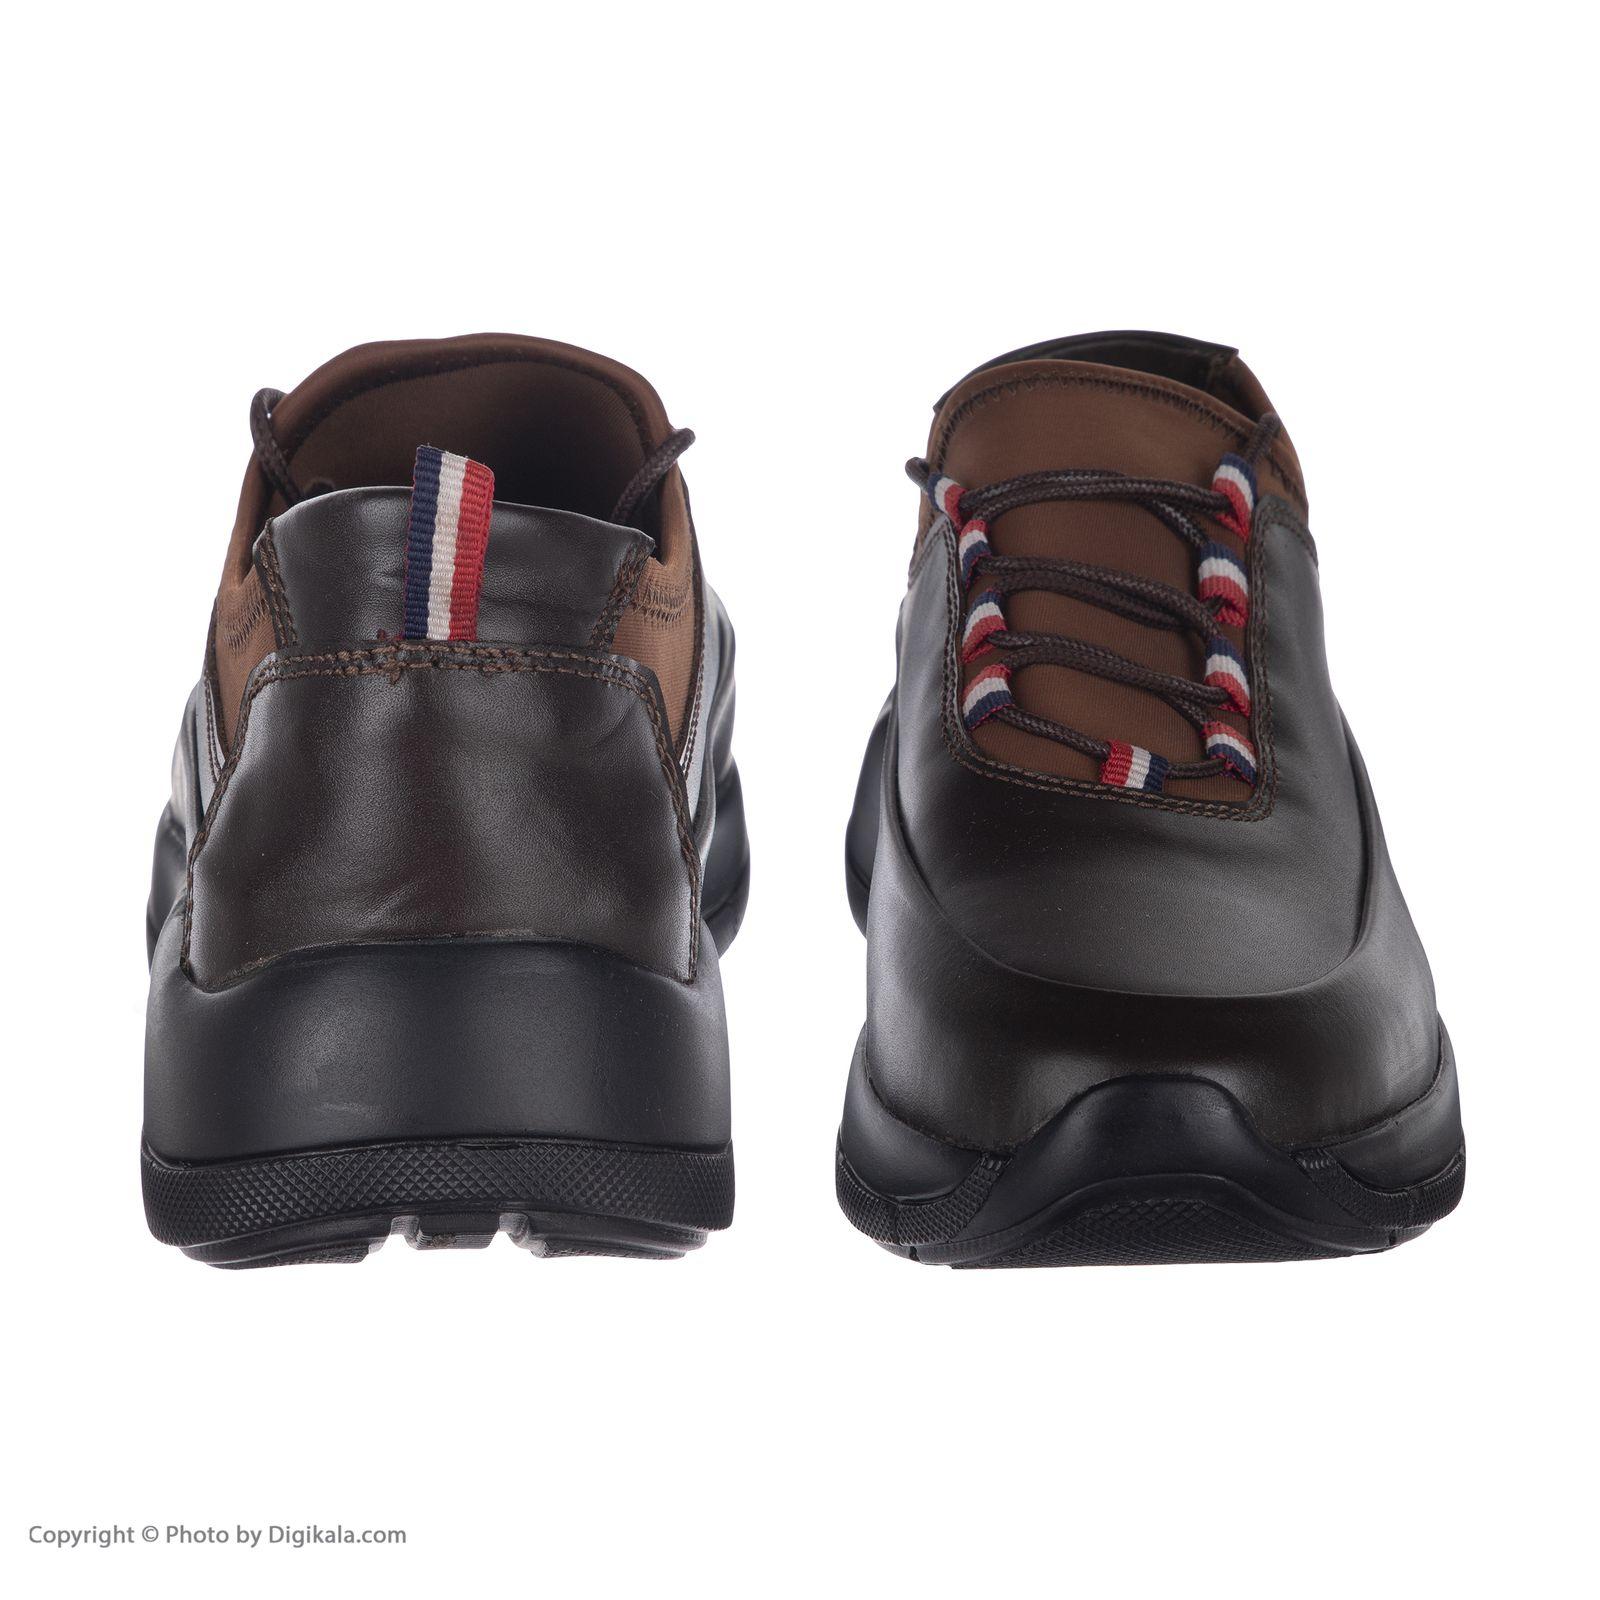 کفش روزمره مردانه دانادل مدل 8607A503104 -  - 4